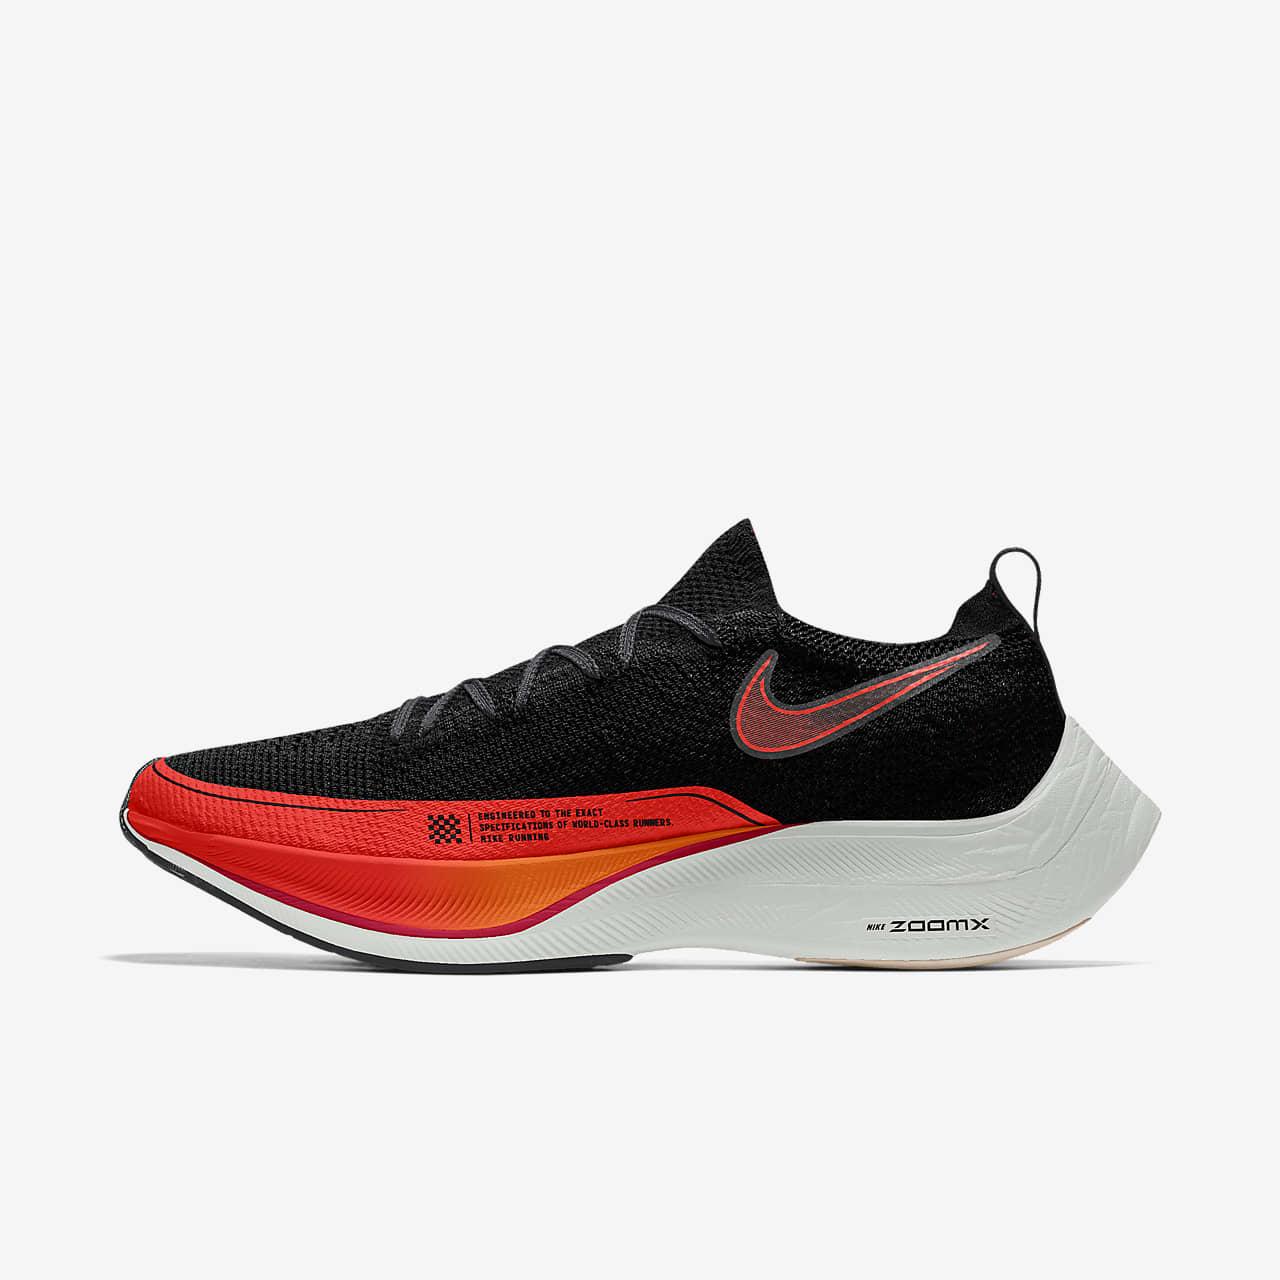 Nike ZoomX Vaporfly NEXT% 2 By You Custom Women's Running Shoe